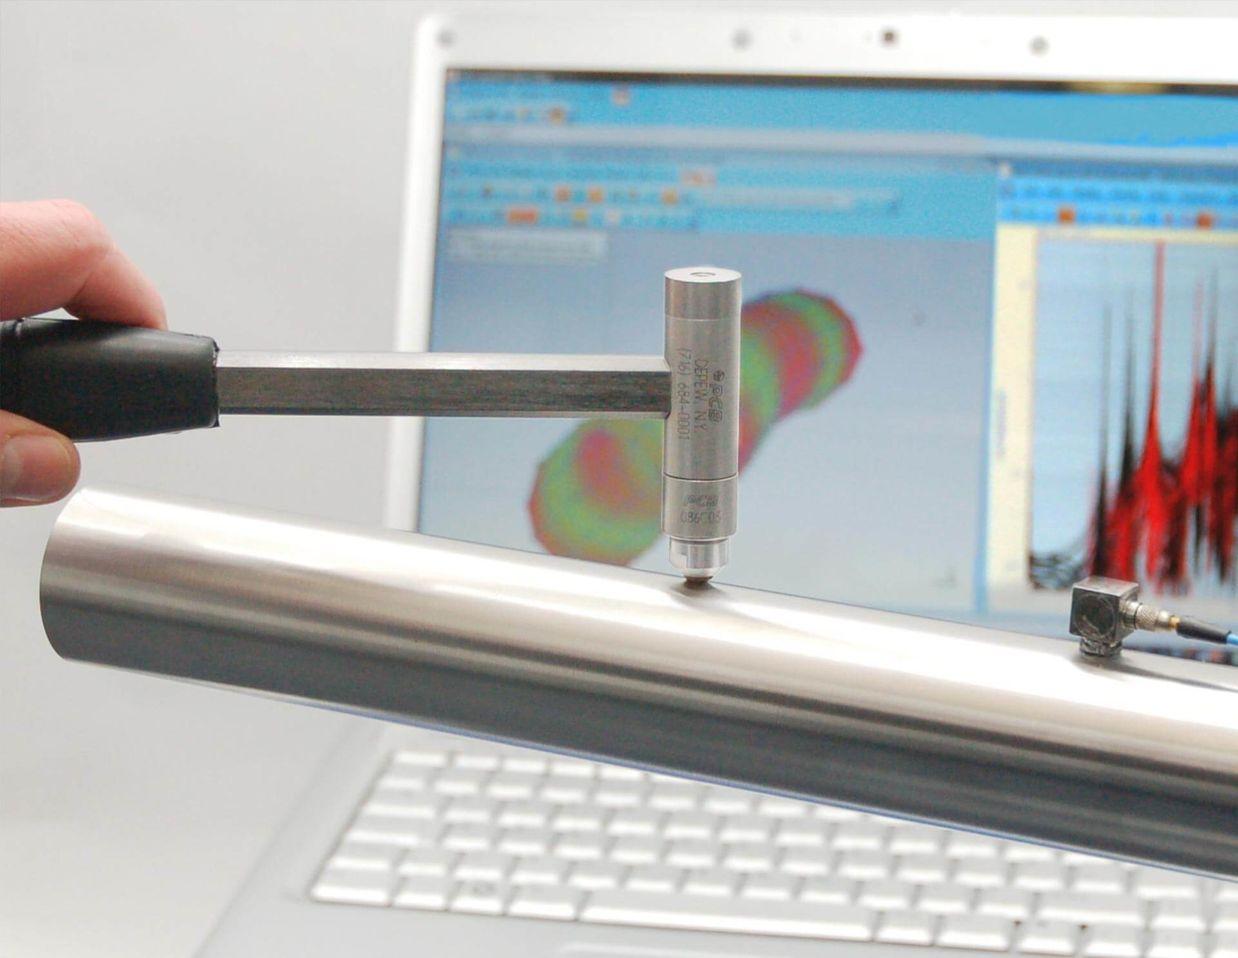 ME'scopeVESTM– Modal Analysis Software, Hammer